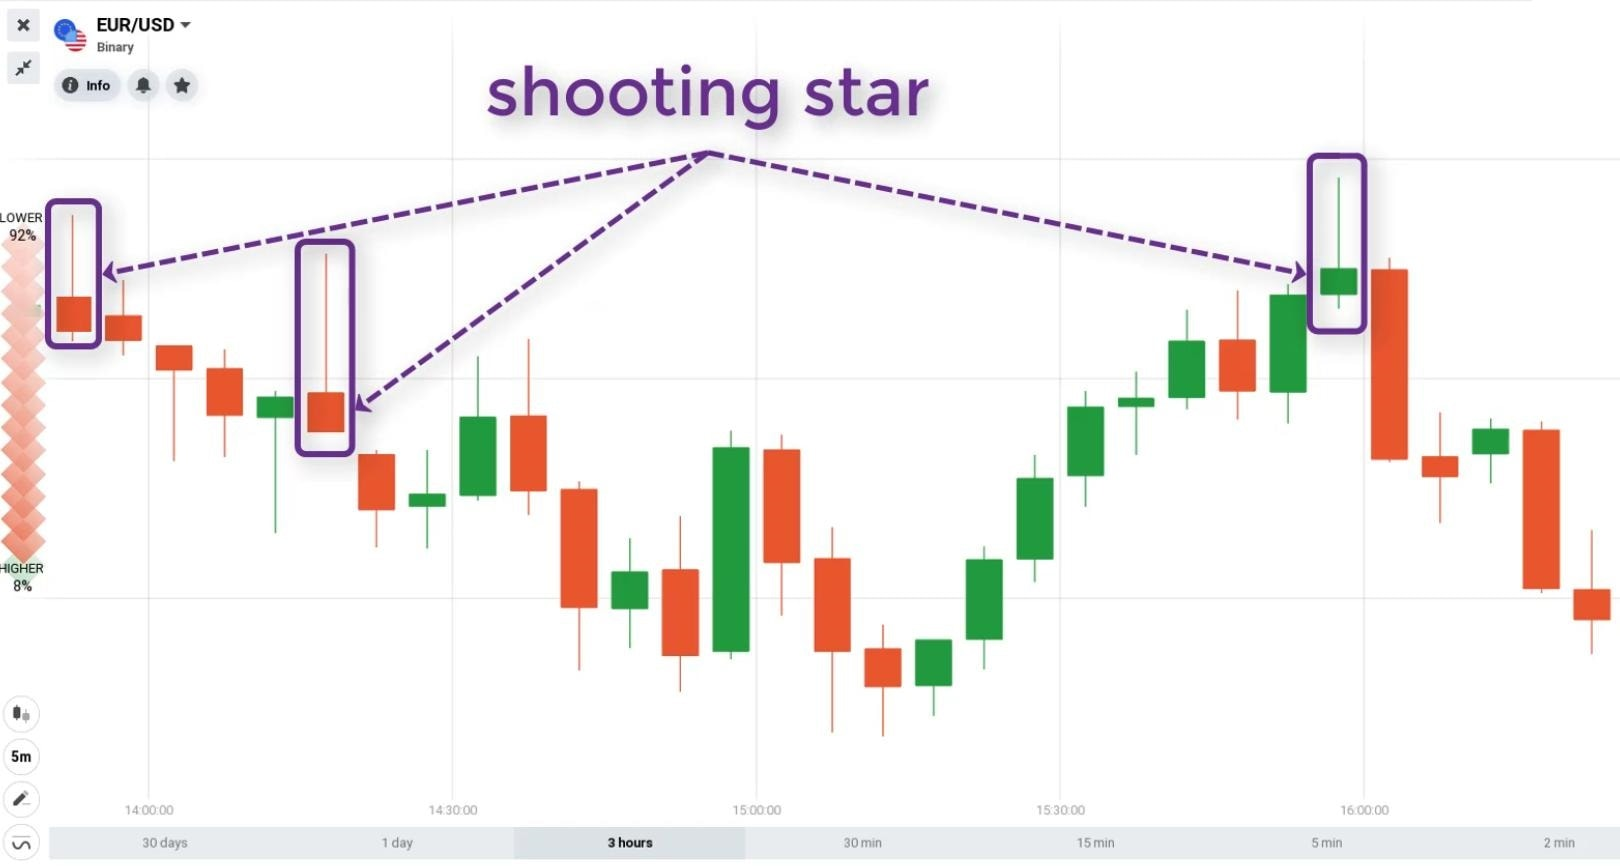 Nến Shooting Star trên biểu đồ giá nến Nhật.